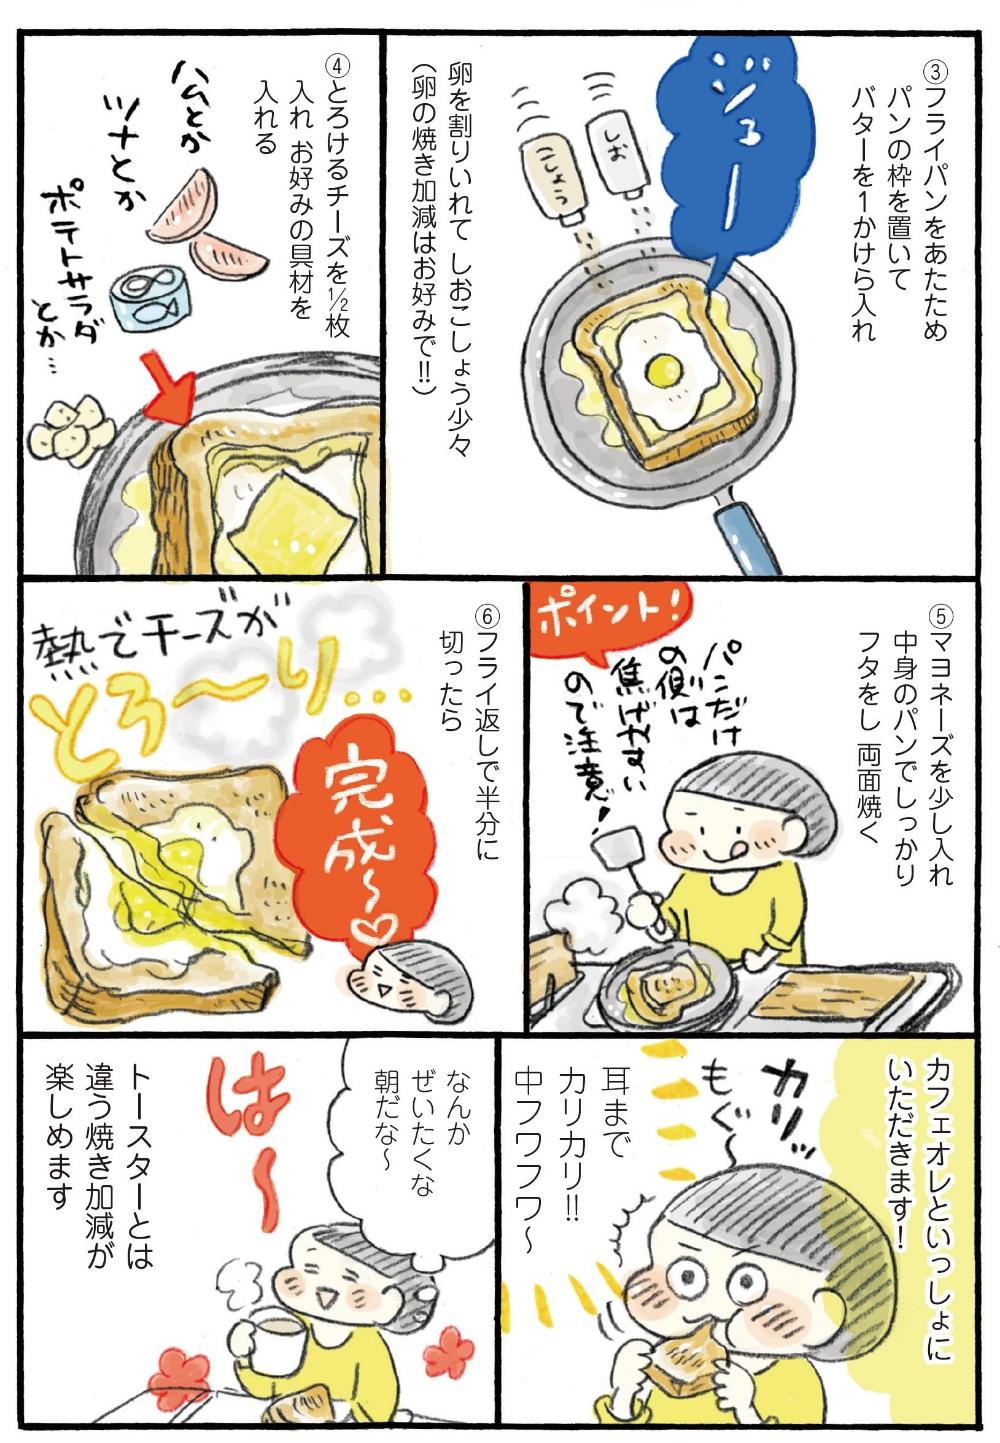 1人で1ヶ月食費2万円 2019年 料理レシピ本大賞 In Japan の コミック